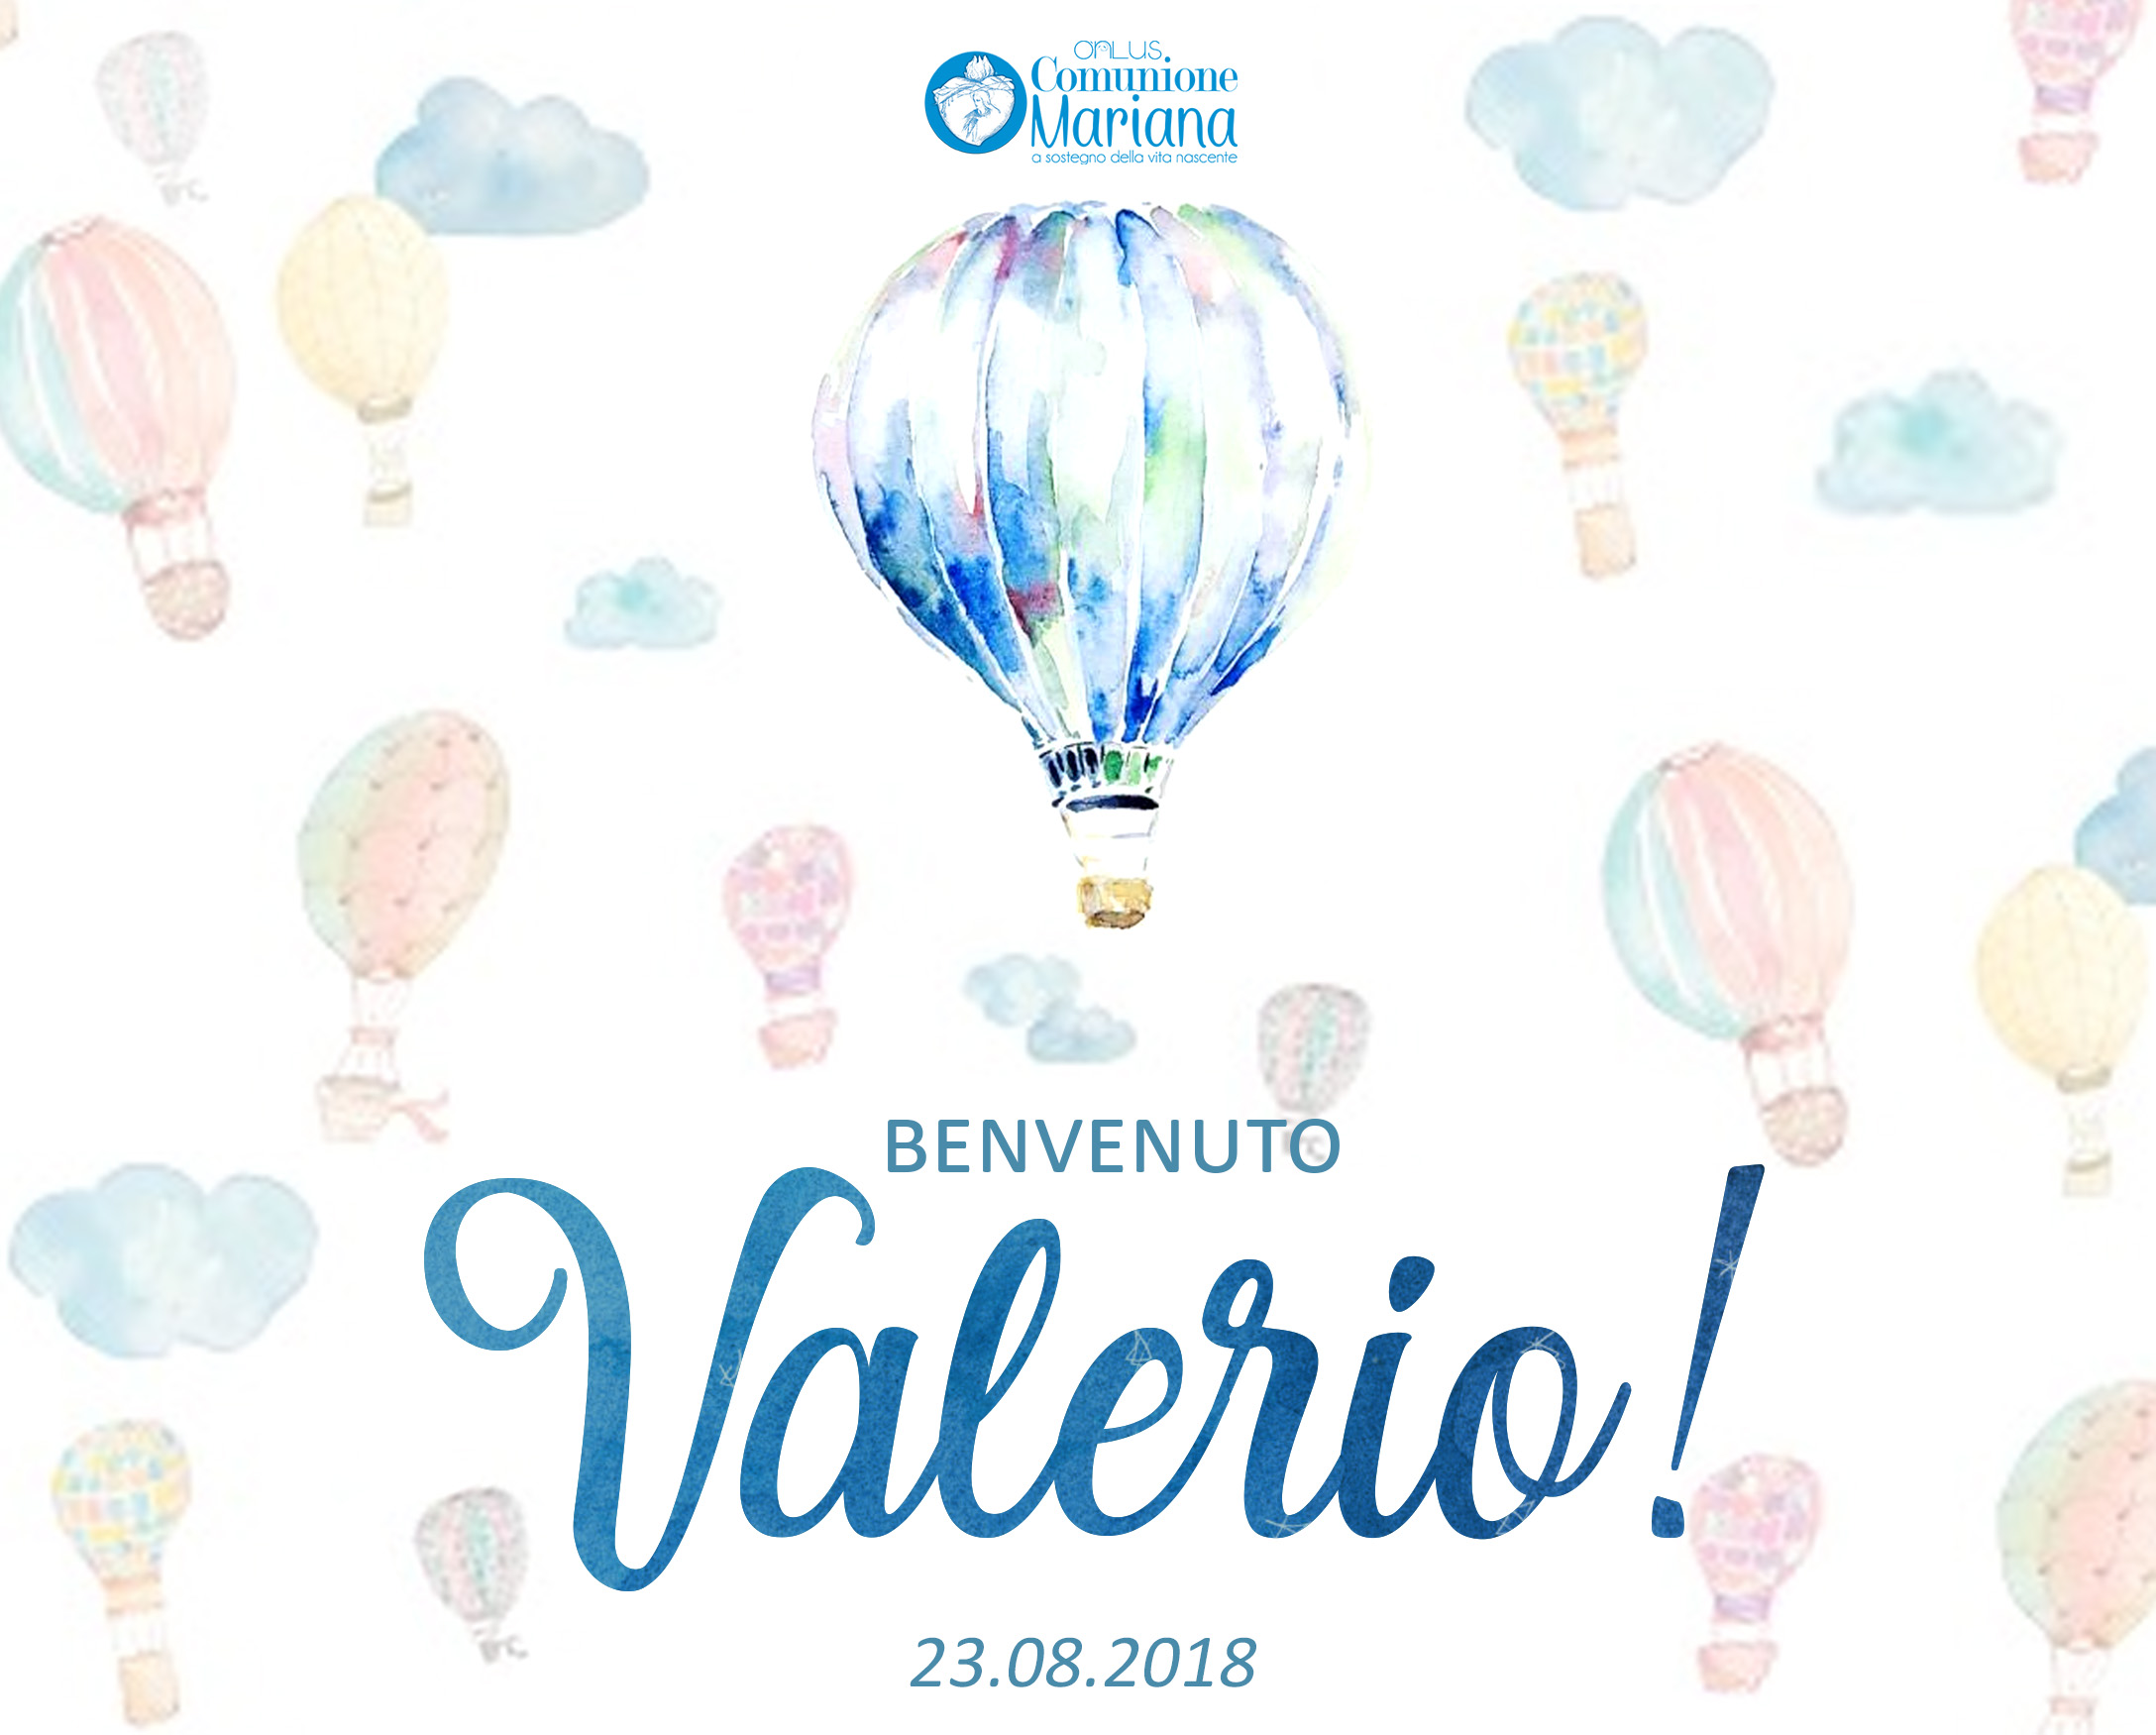 21. Valerio